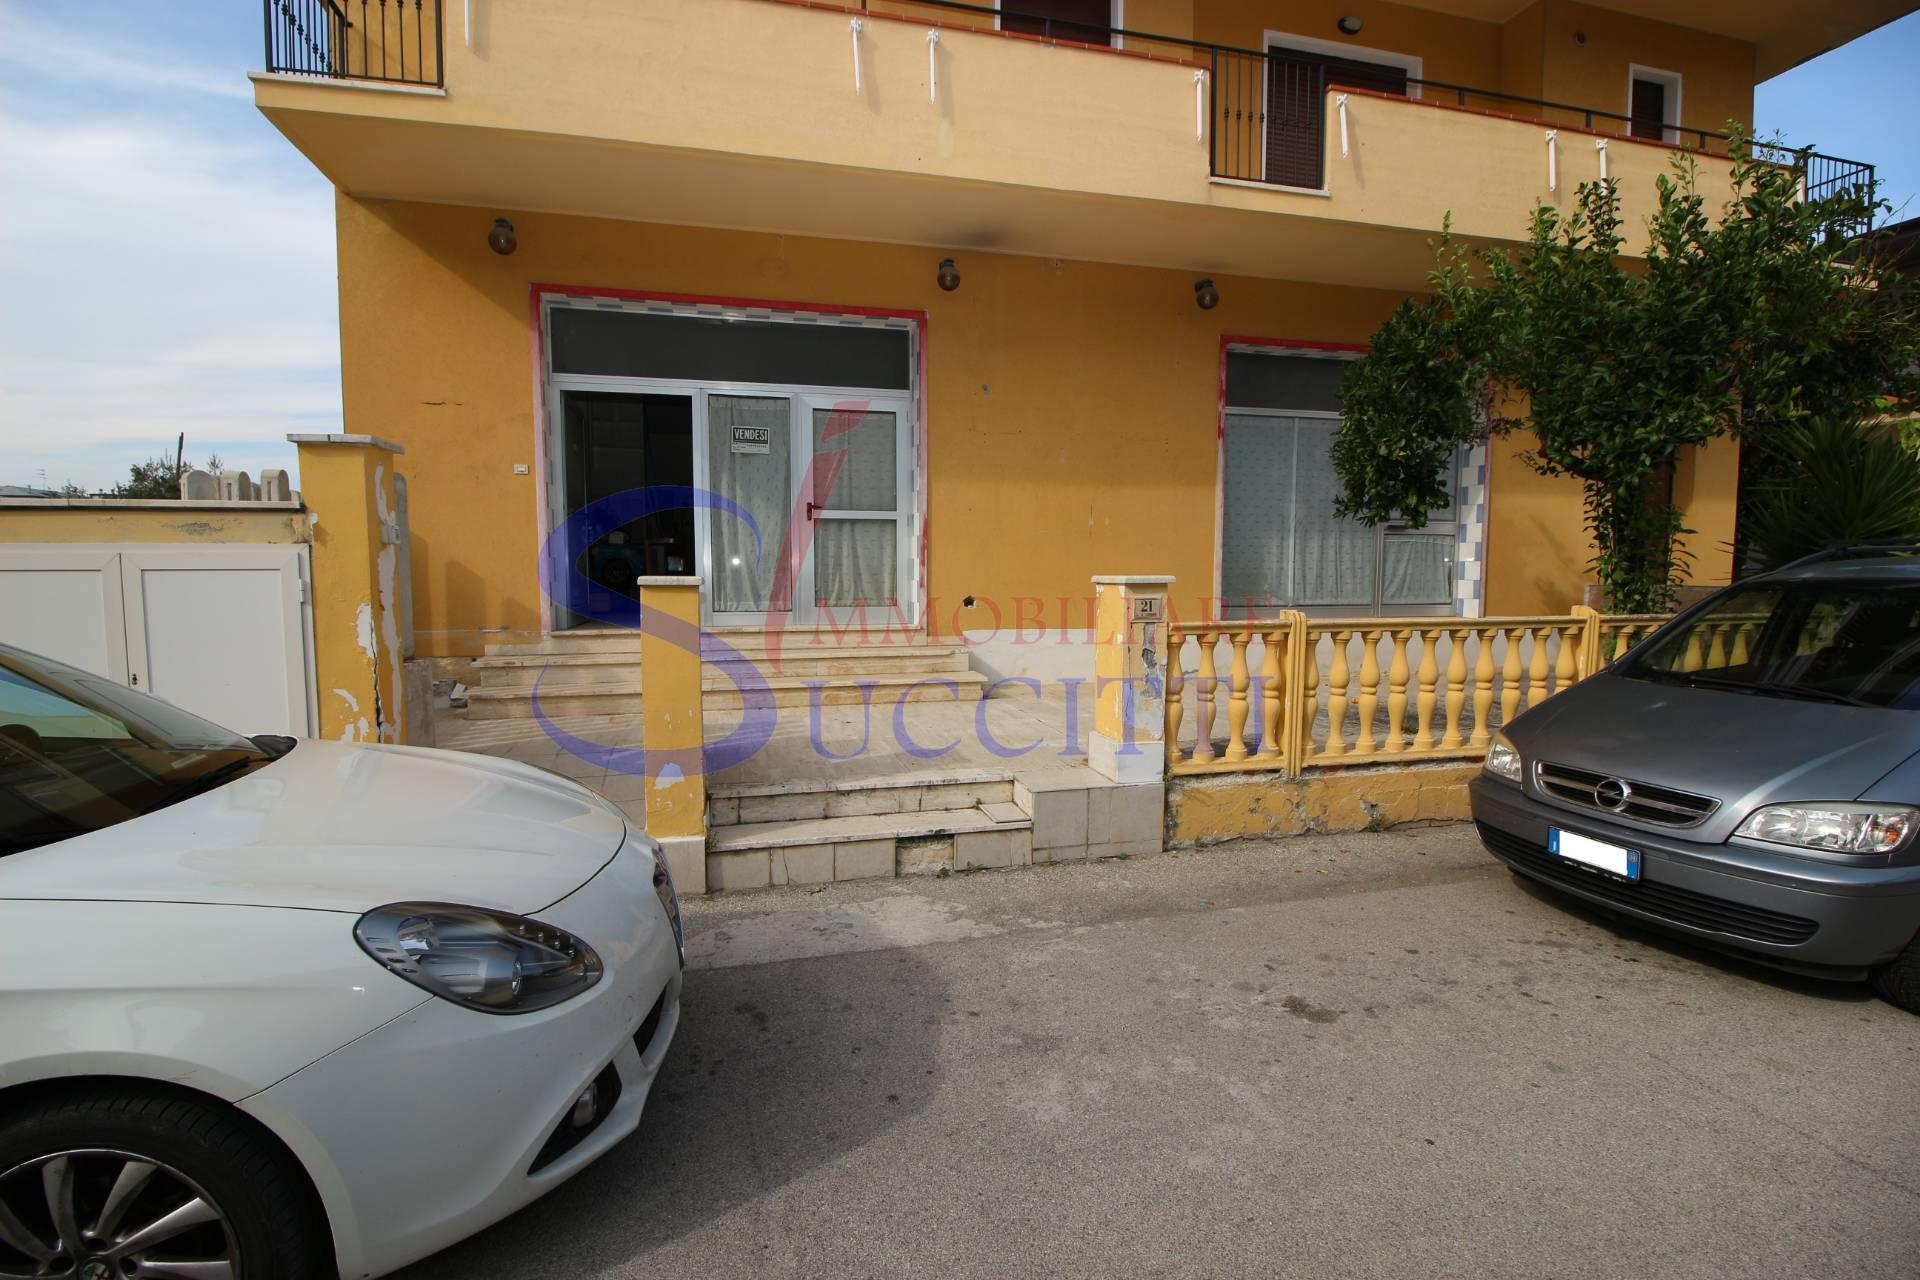 Appartamento in vendita a Alba Adriatica, 2 locali, zona Località: ZonaMare, prezzo € 135.000 | PortaleAgenzieImmobiliari.it